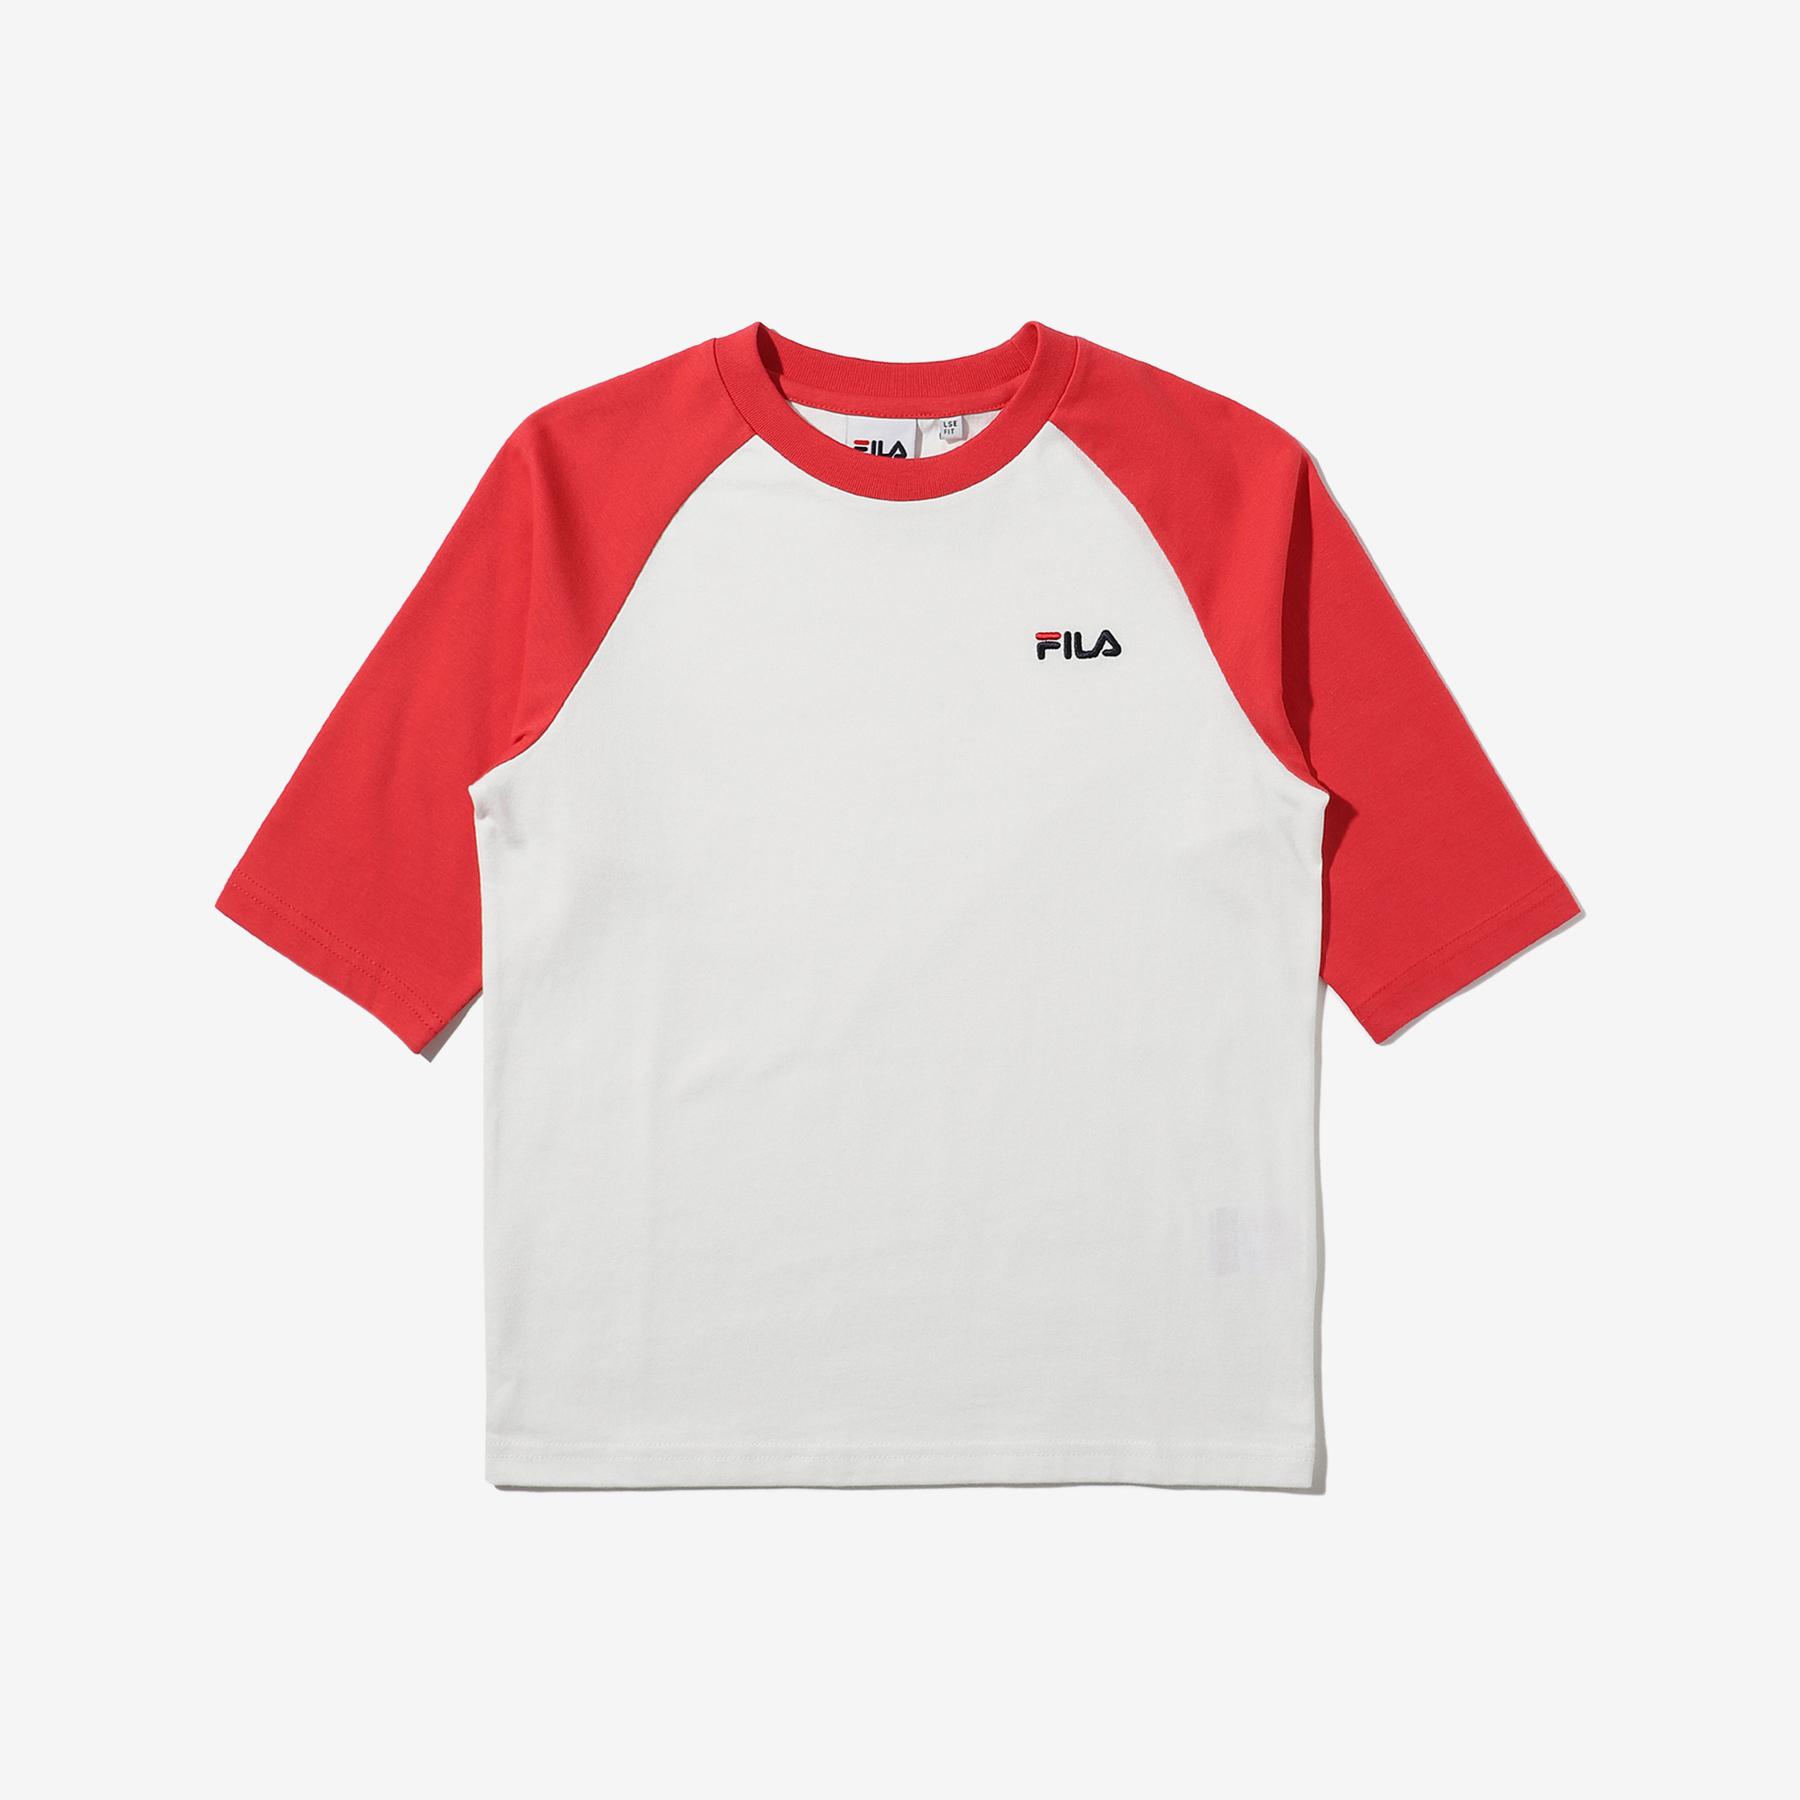 키즈 아동용 7부 라글란 반팔 티셔츠 FK2RSD2402X